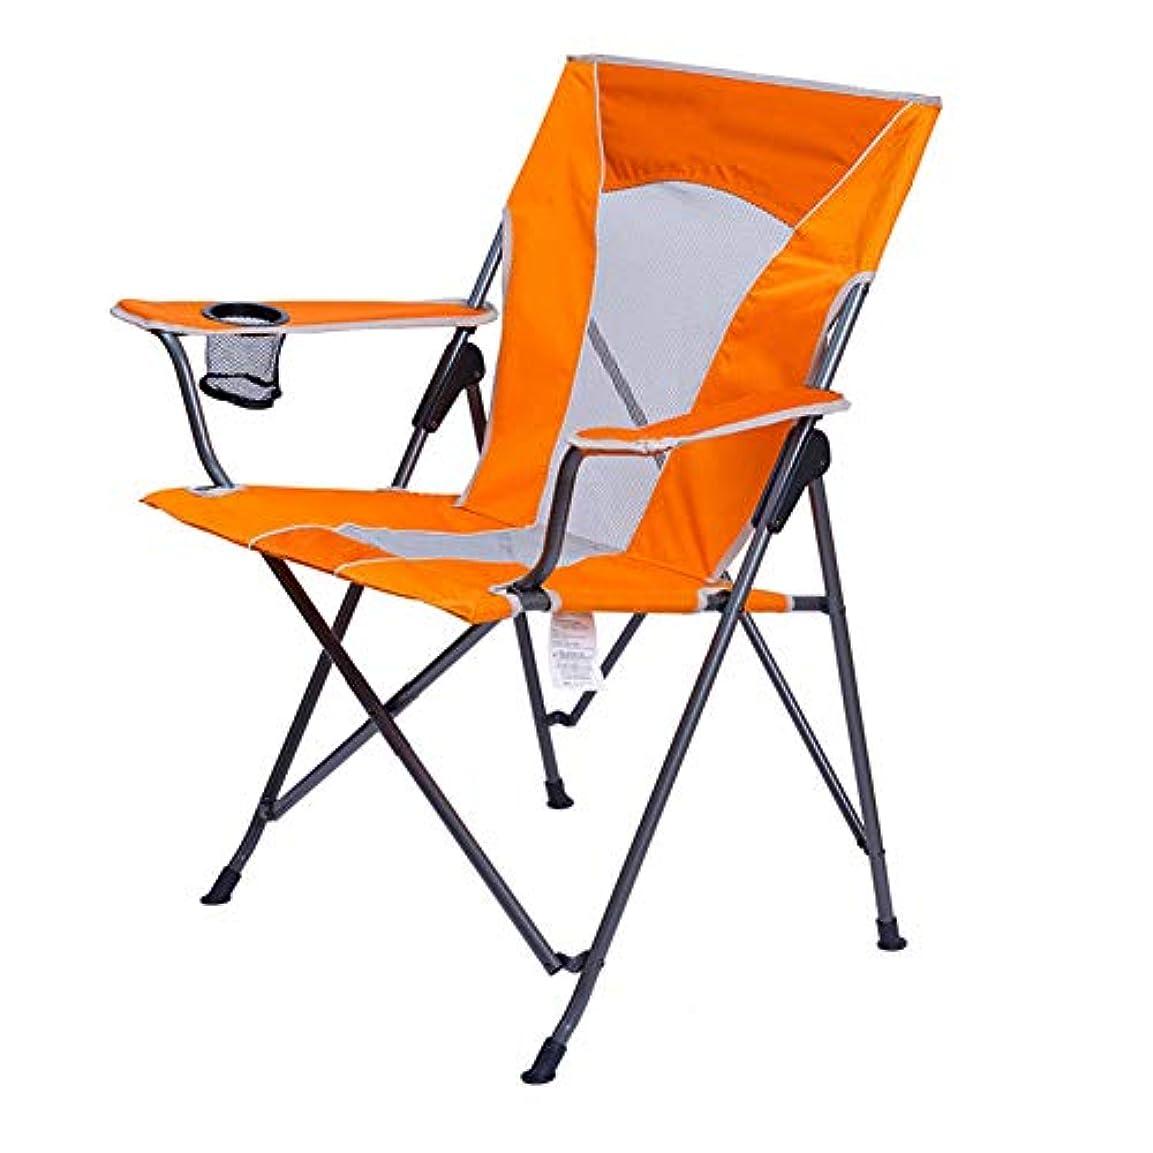 差し引く砂医薬ポータブル アウトドアチェア 折りたたみ キャンプ椅, ヘビーデューティ コンパクト キャンプ用品 椅子, カップ ホルダーを持つ メッシュ シートで